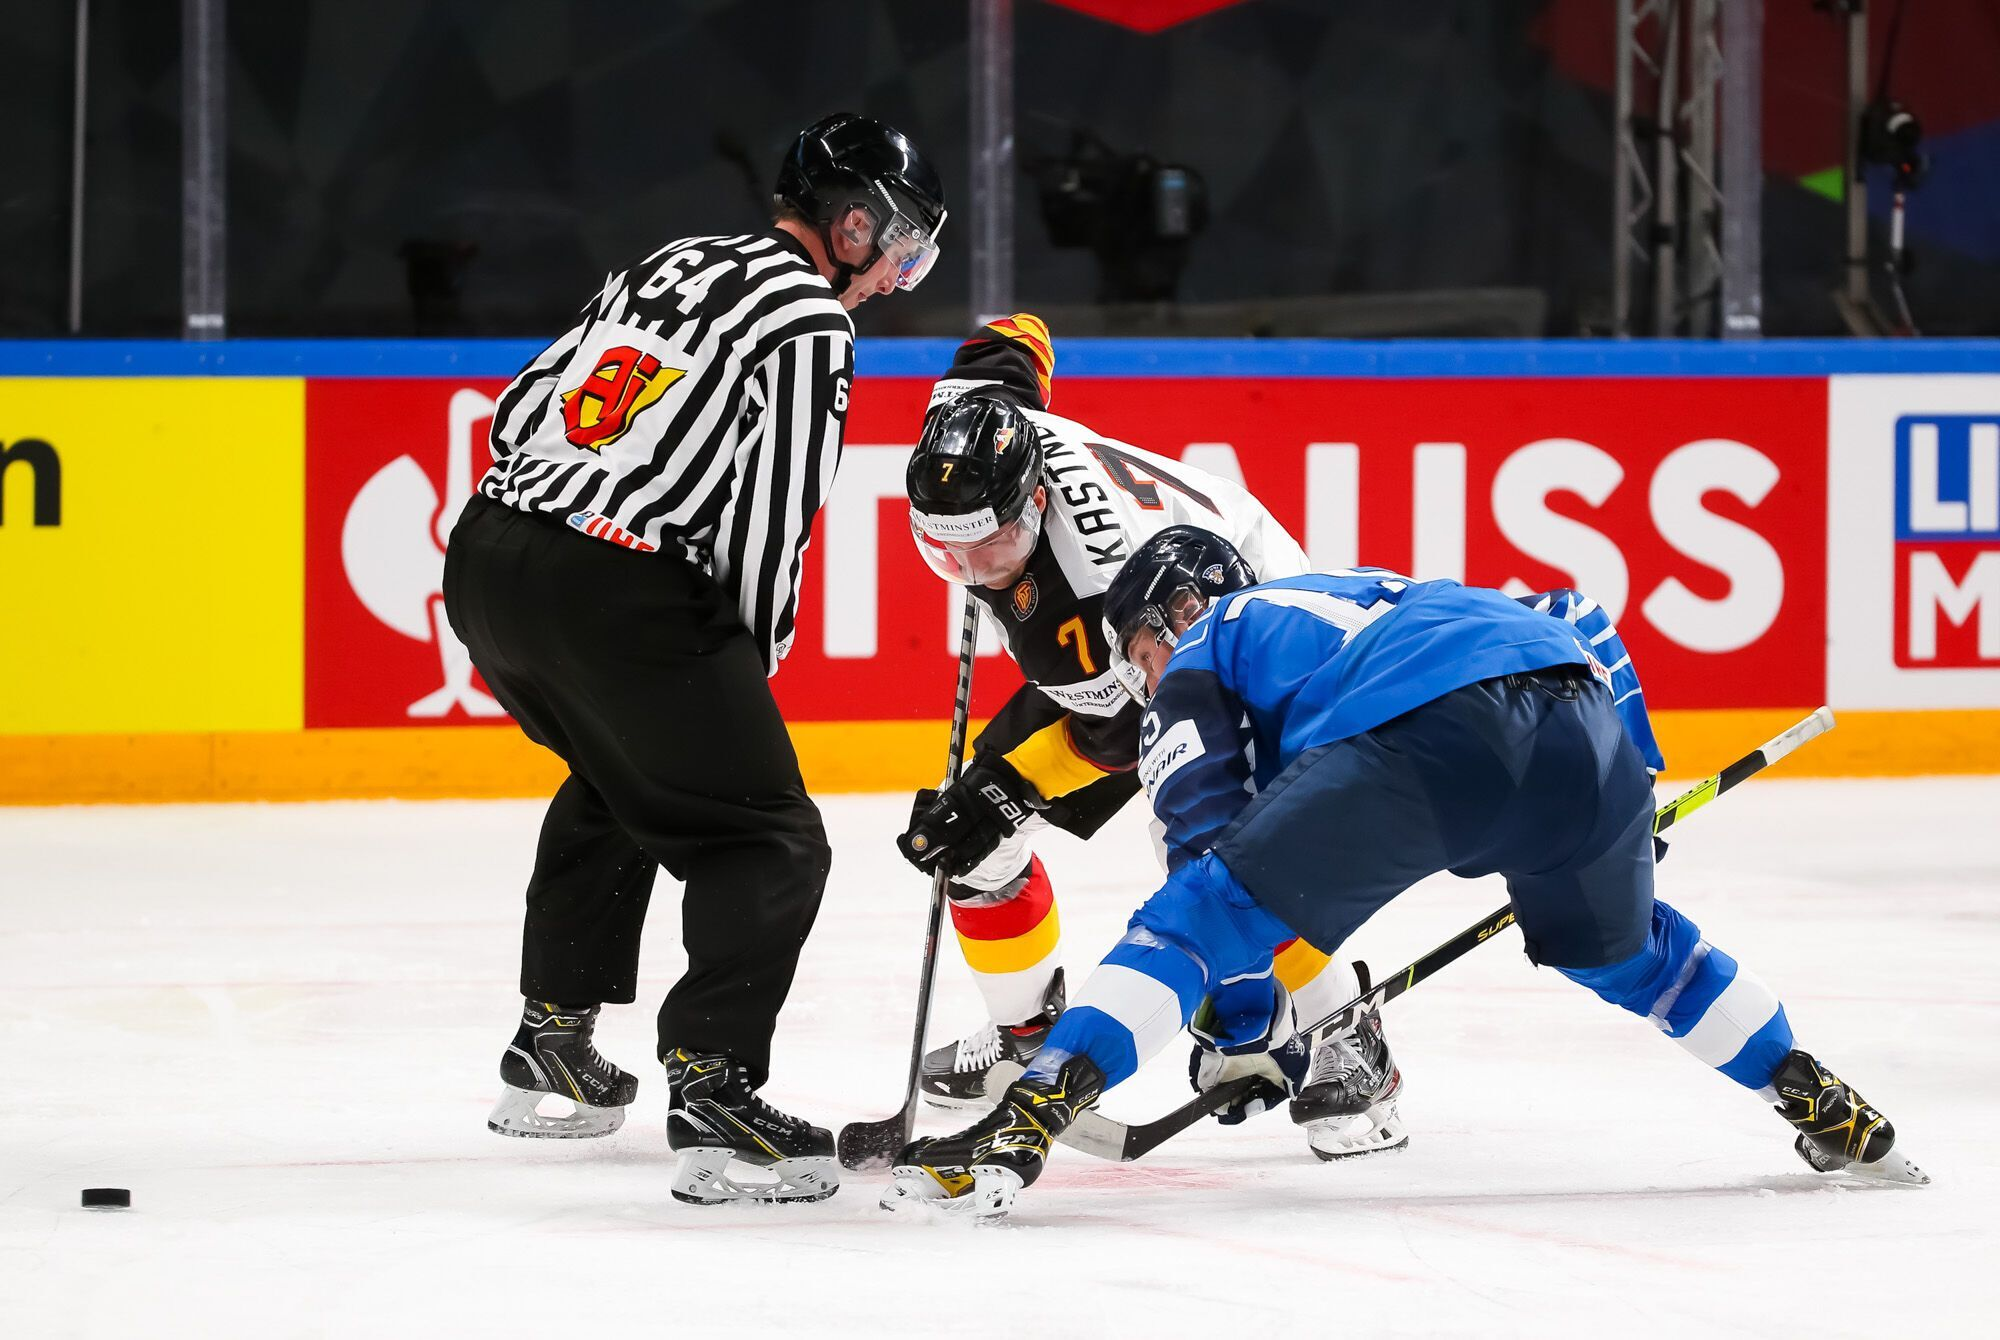 Финляндия обыграла Германию в полуфинале.